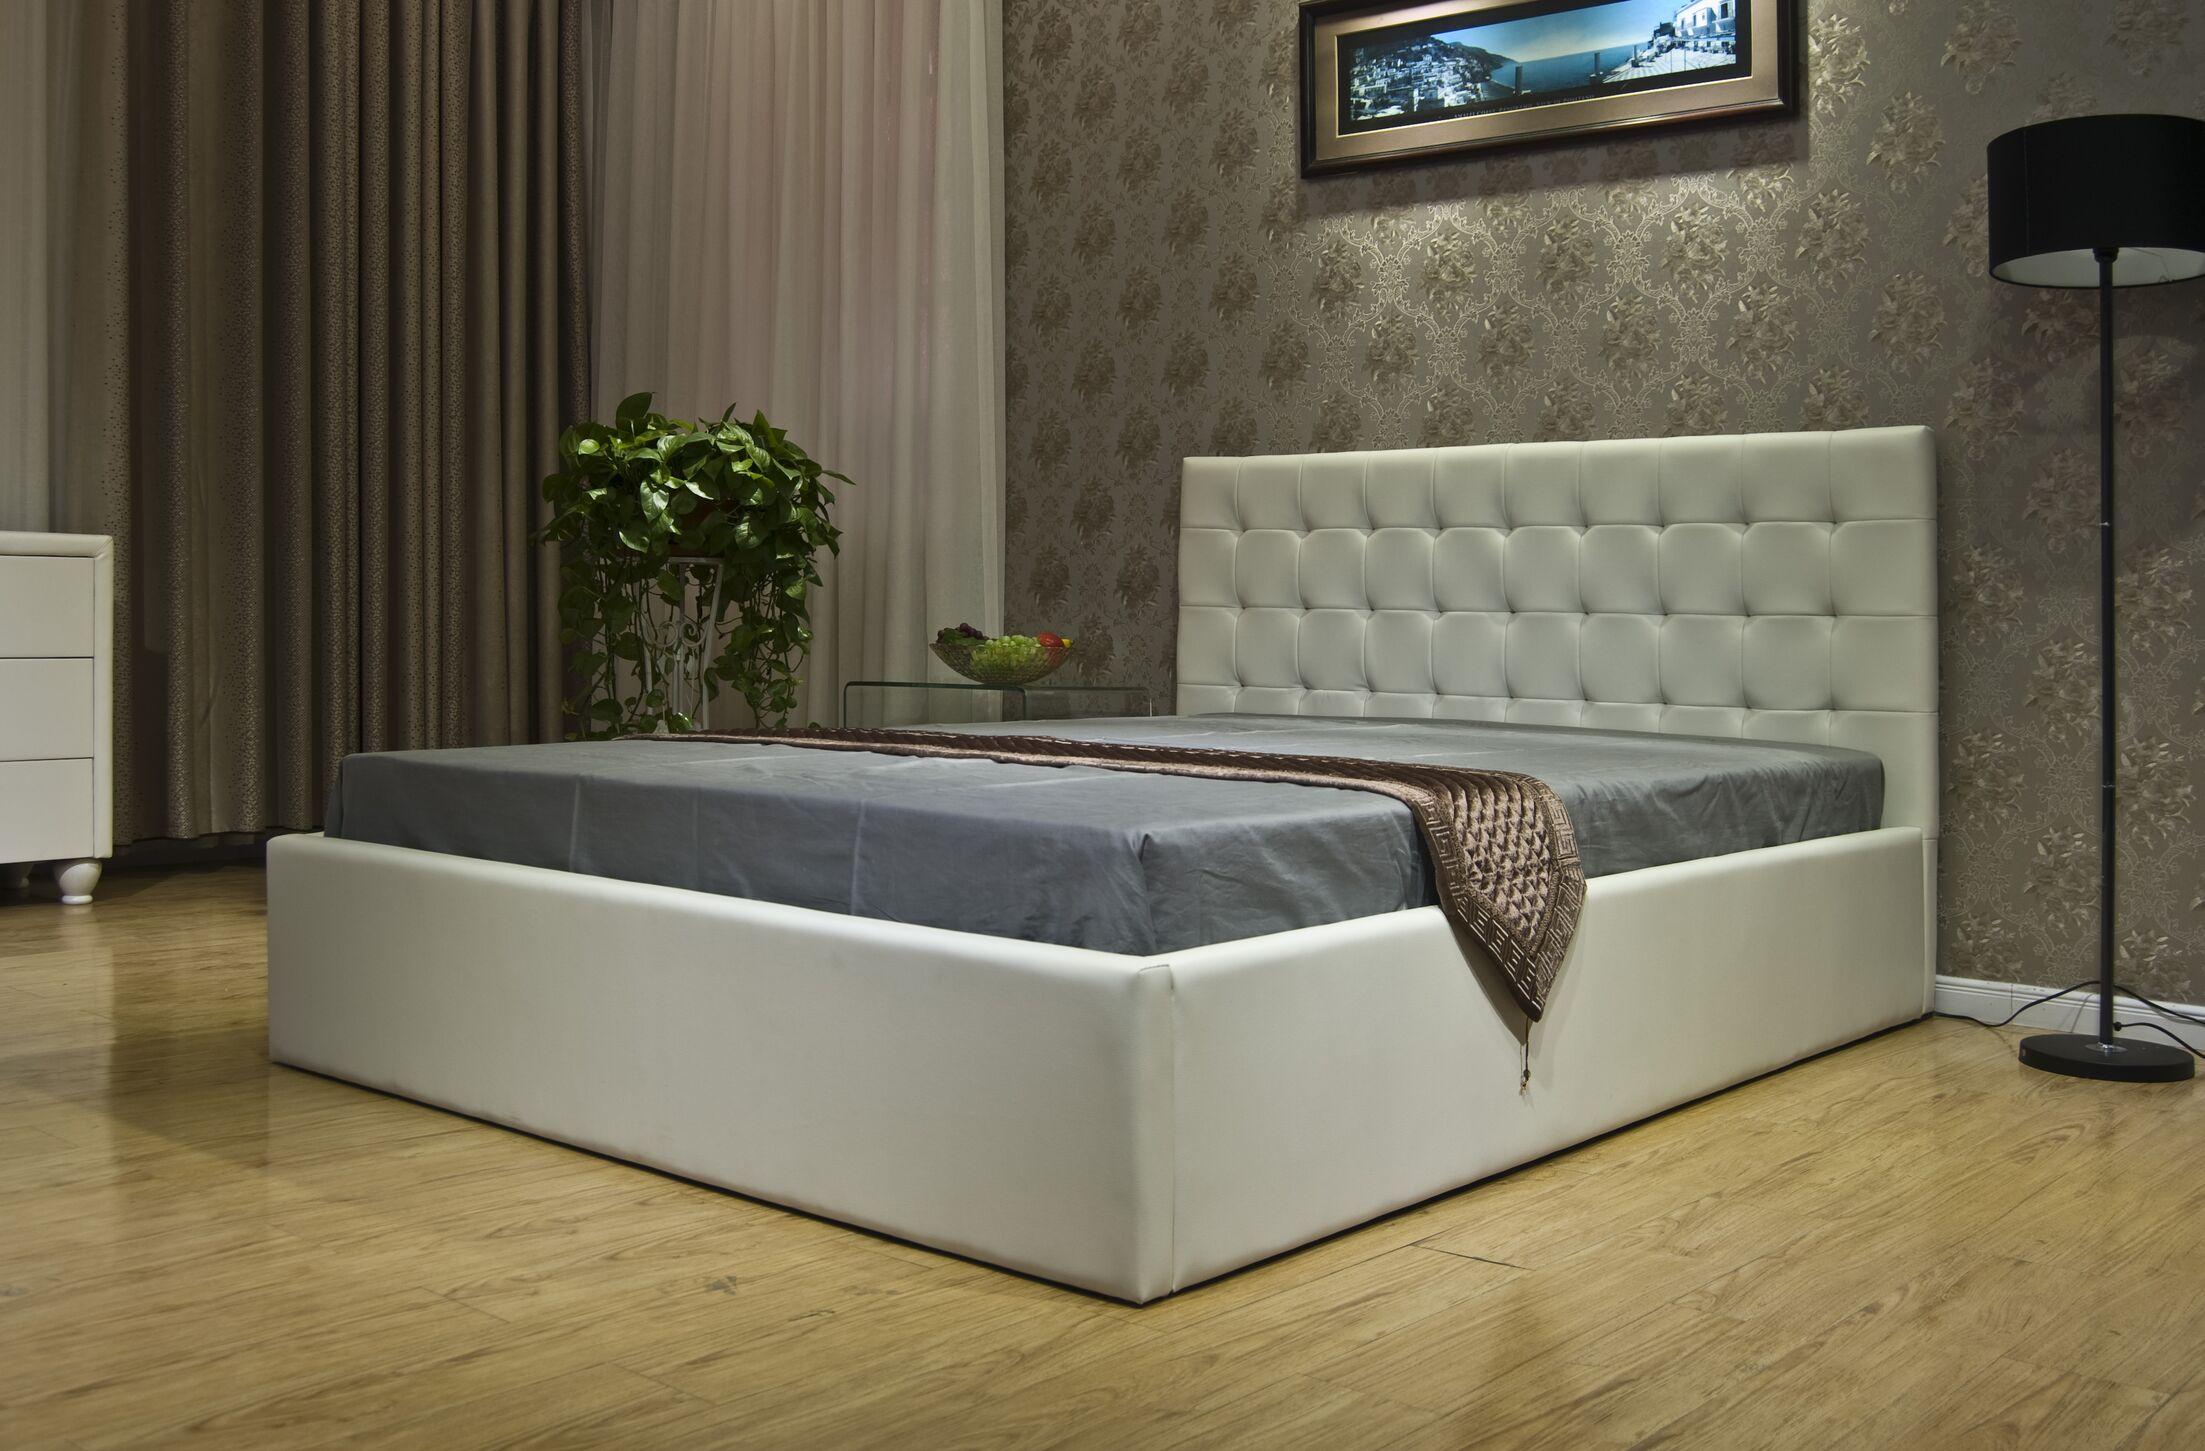 Upholstered Storage Platform Bed Color: White, Size: Full